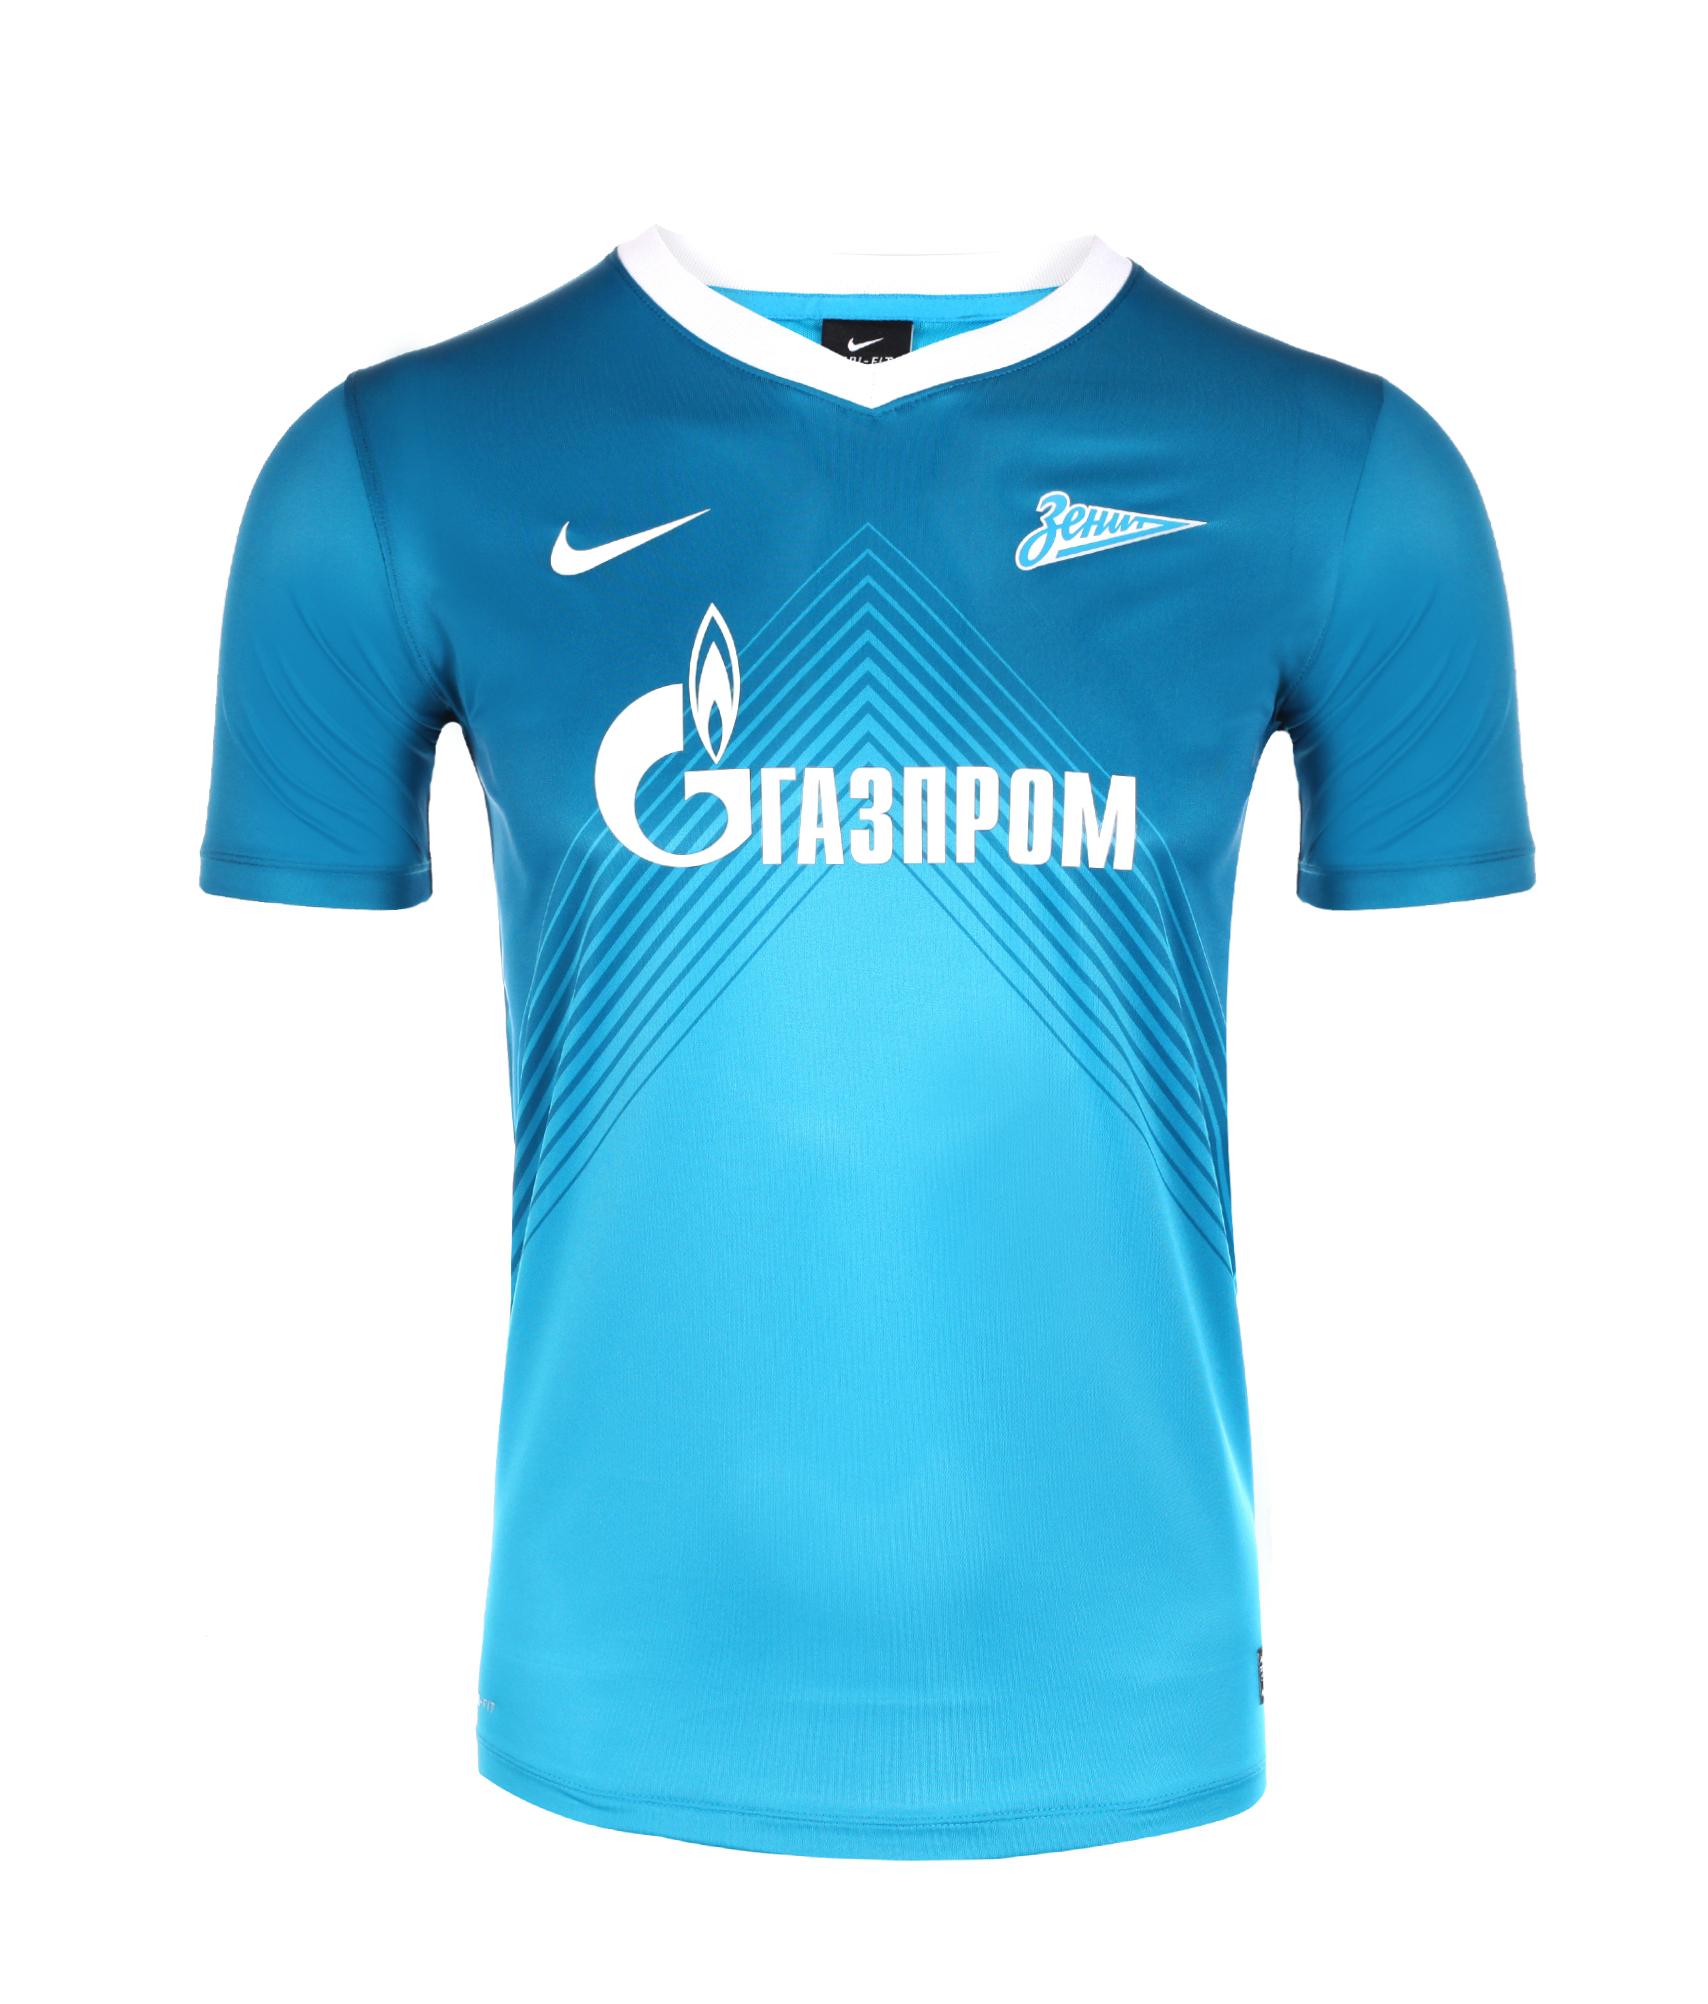 Детская домашняя футболка, Цвет-Синий, Размер-XS